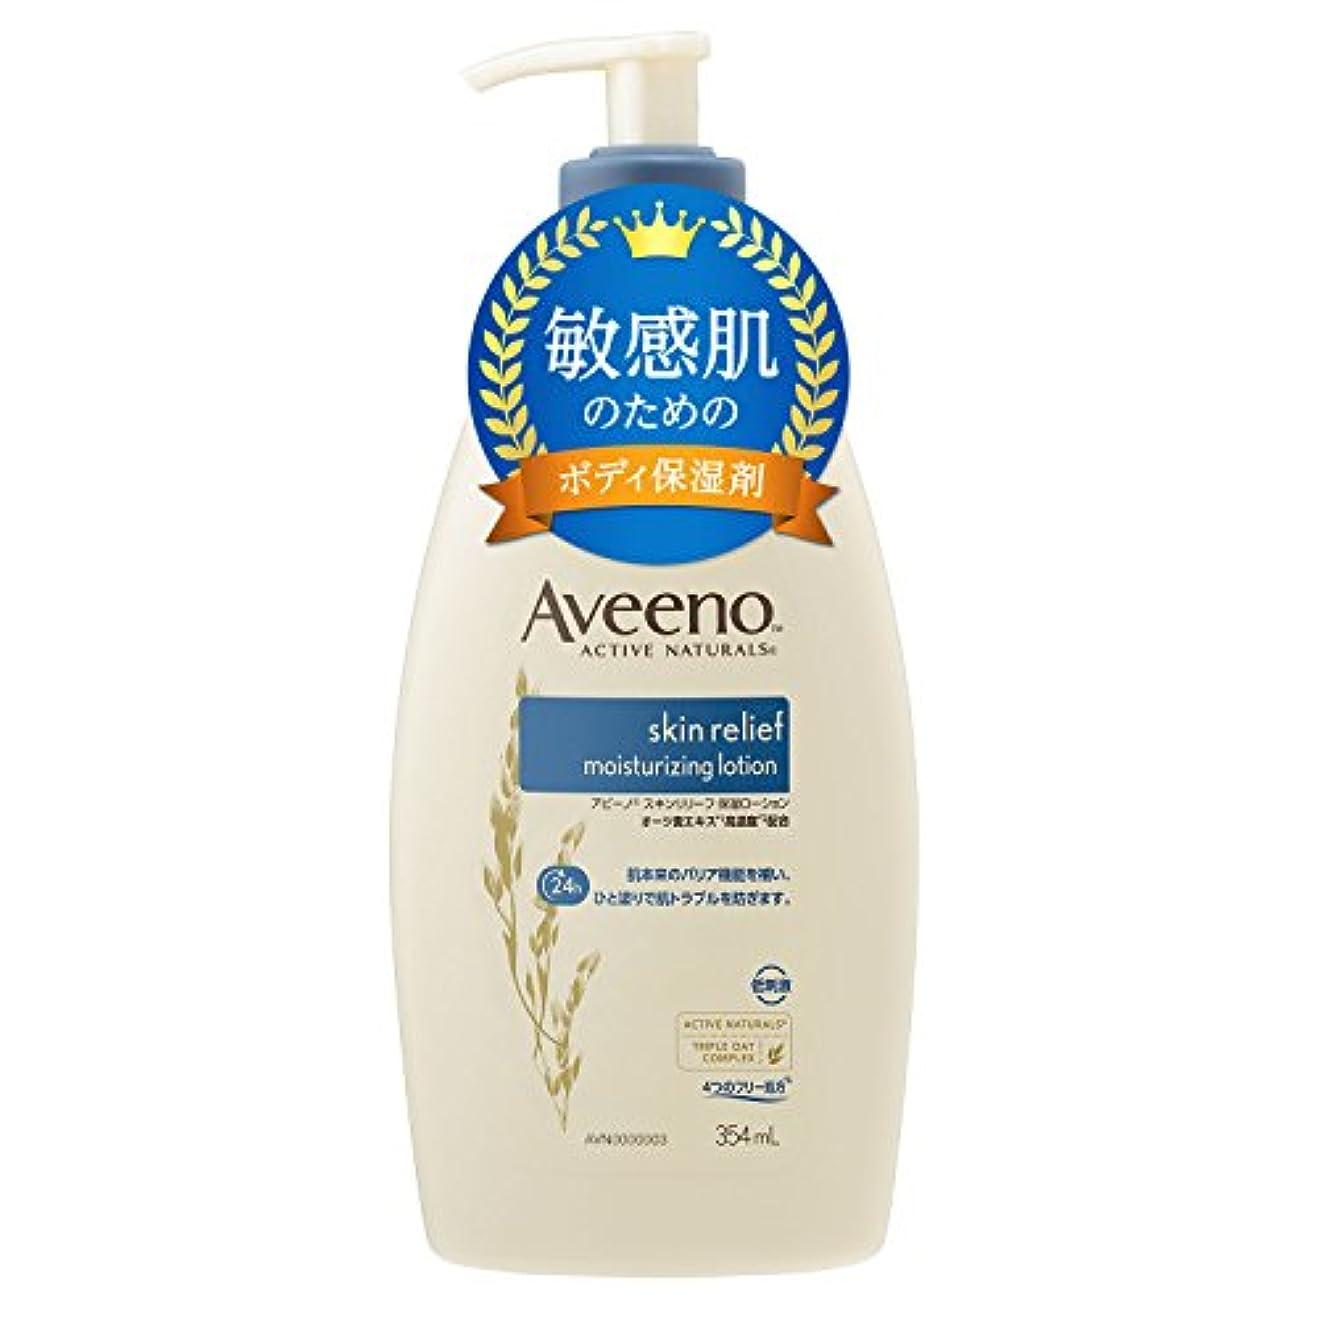 里親分バスルーム【Amazon.co.jp限定】Aveeno(アビーノ) スキンリリーフ 保湿ローション 354ml 【極度の乾燥肌、敏感肌の方向け】